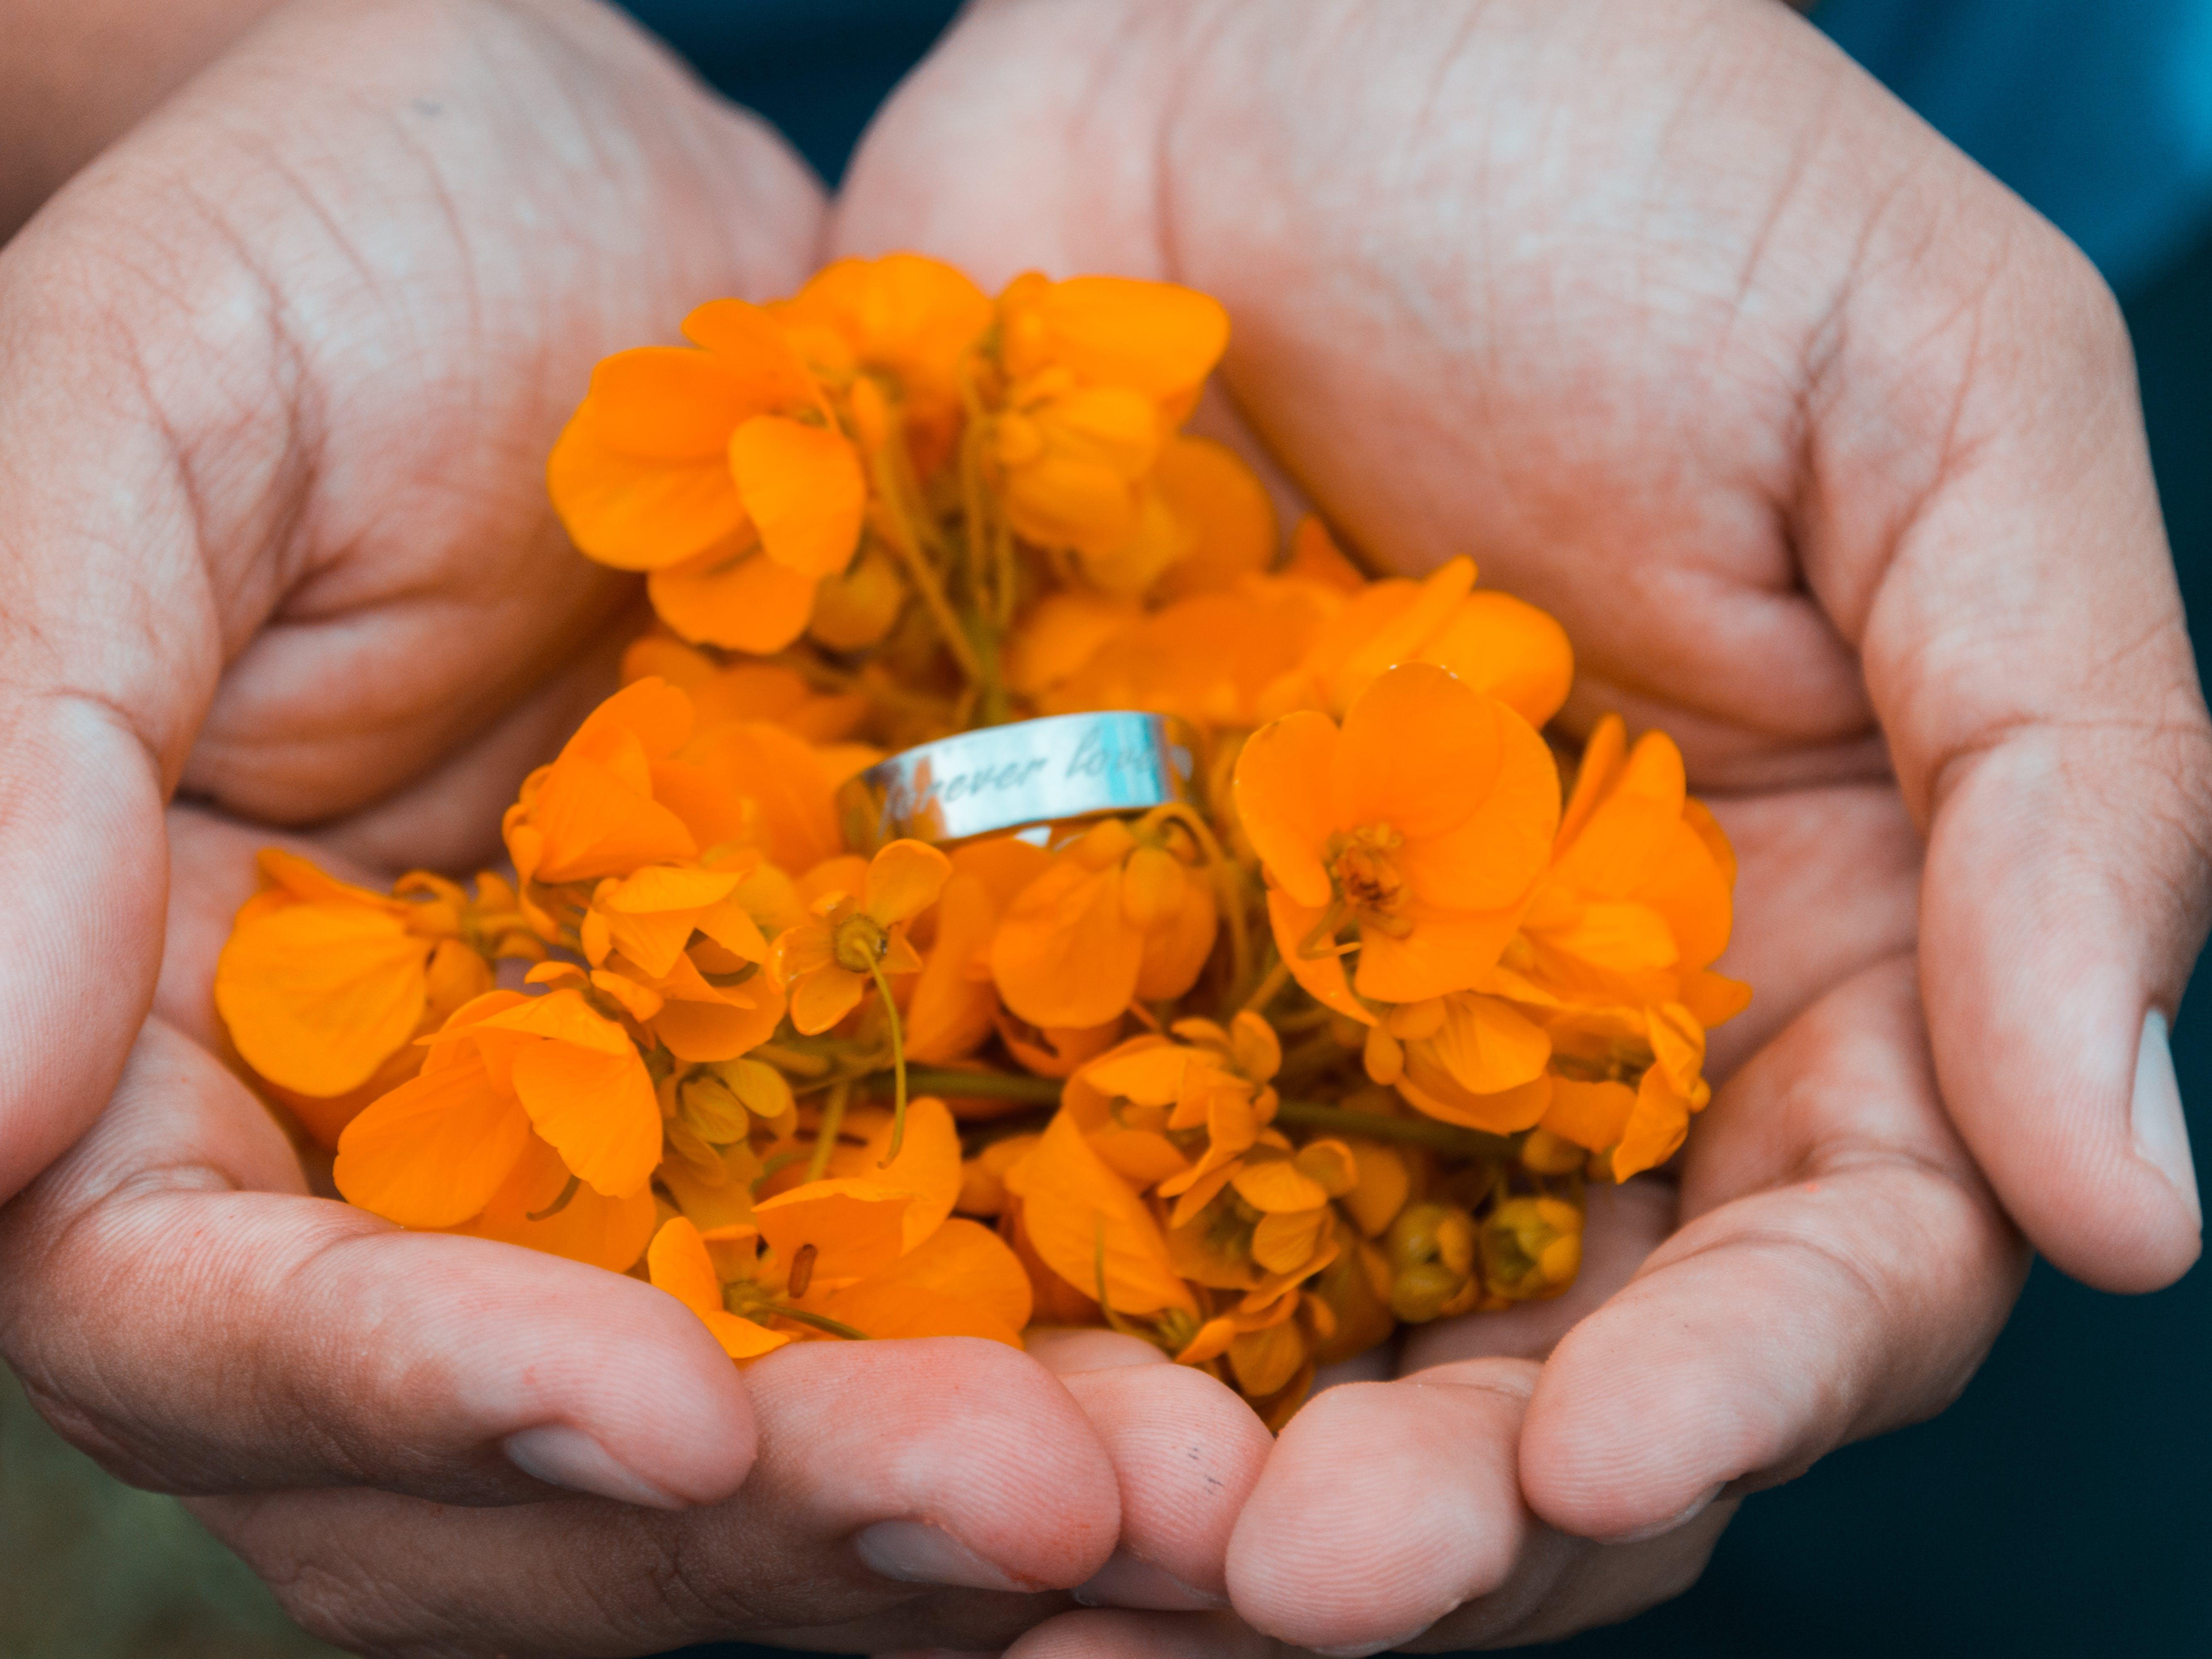 Δωρεάν στοκ φωτογραφιών με nikon, αγάπη, λουλούδια, χέρια